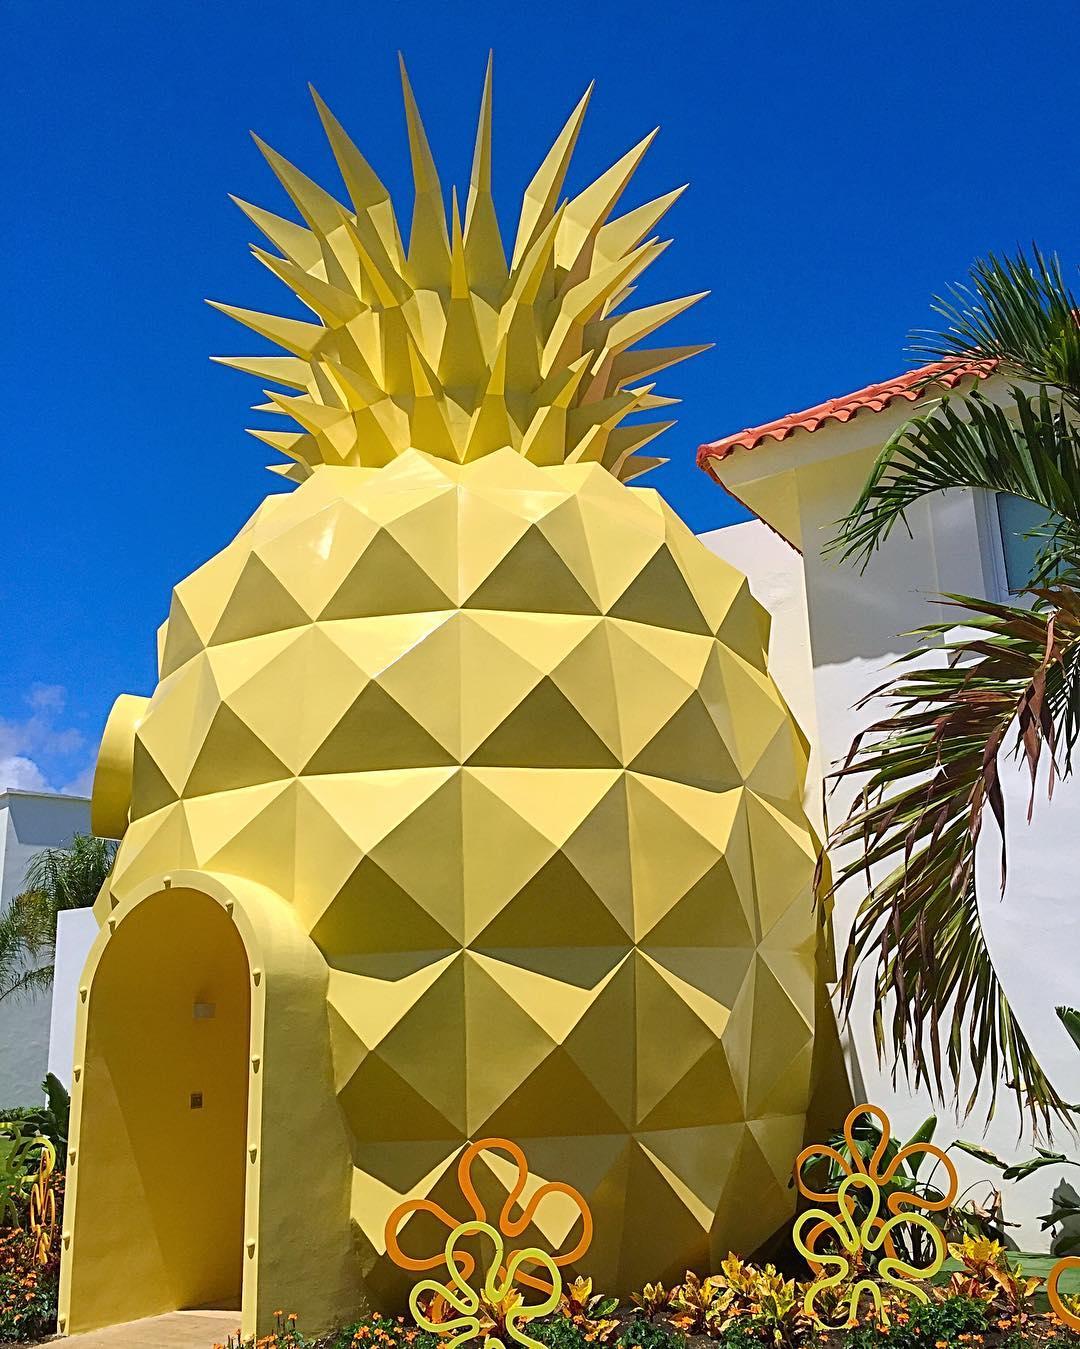 Ananas Bob L Éponge vous en rêviez ? la maison-ananas de bob l'Éponge existe enfin pour